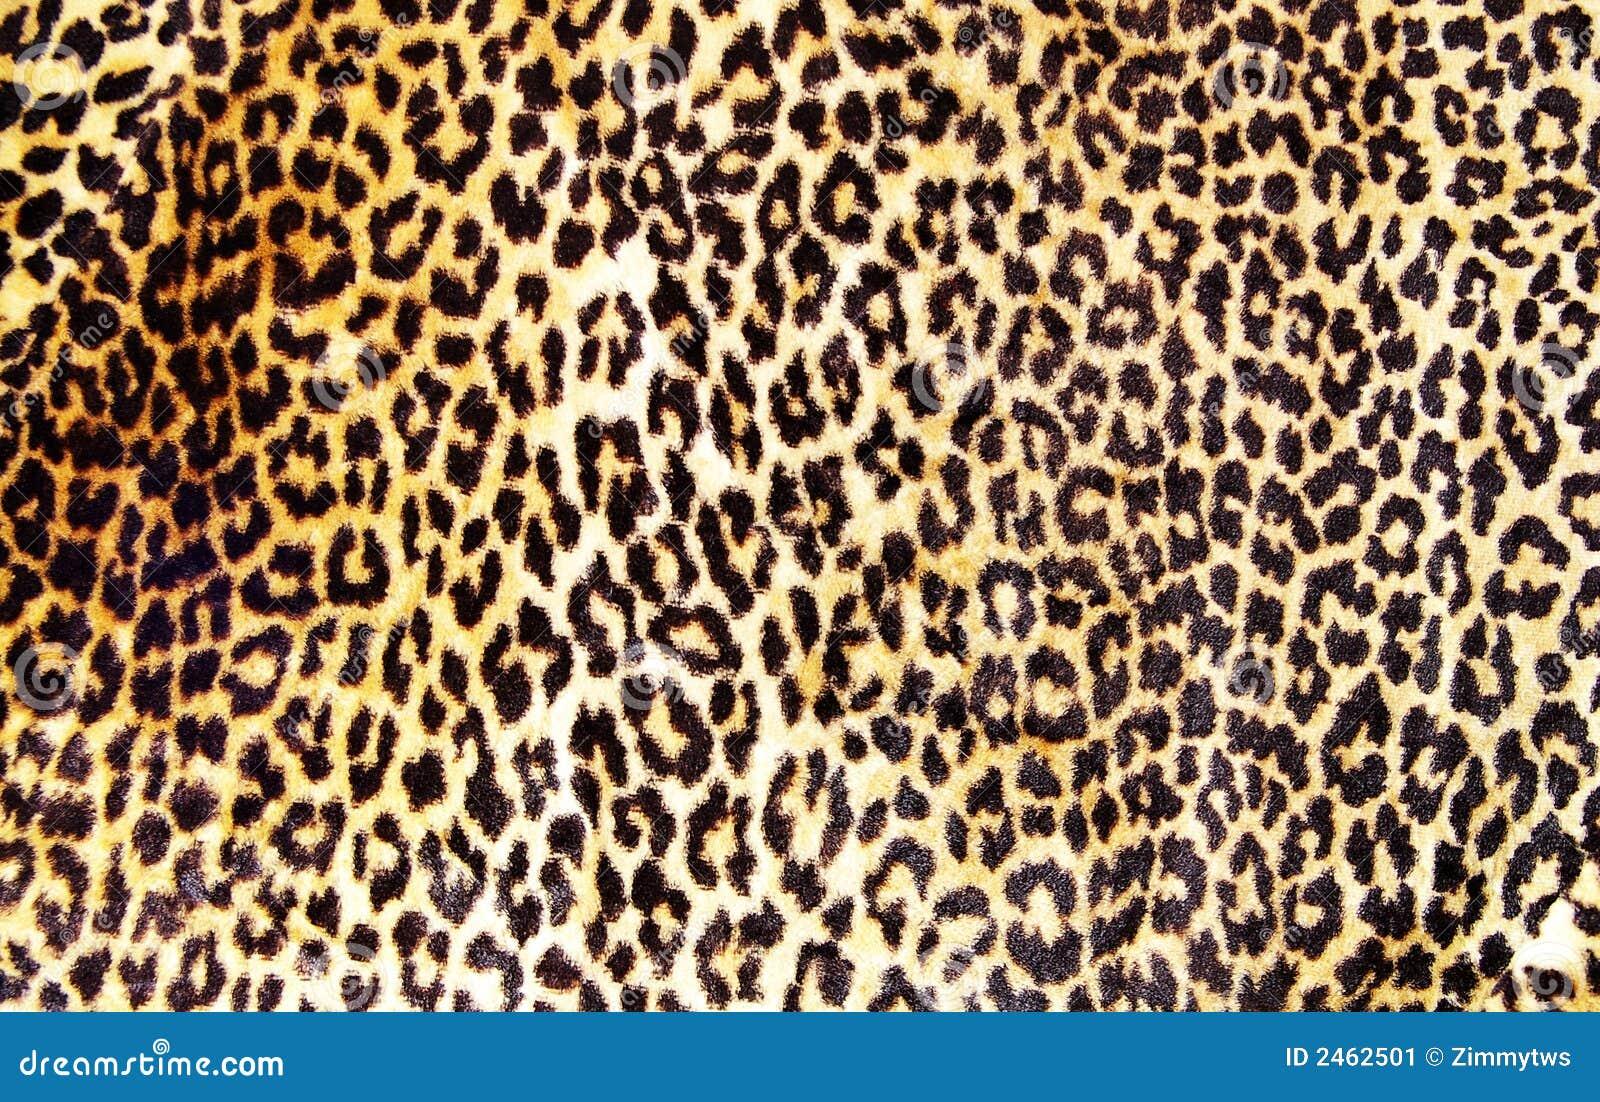 Leoparddruck